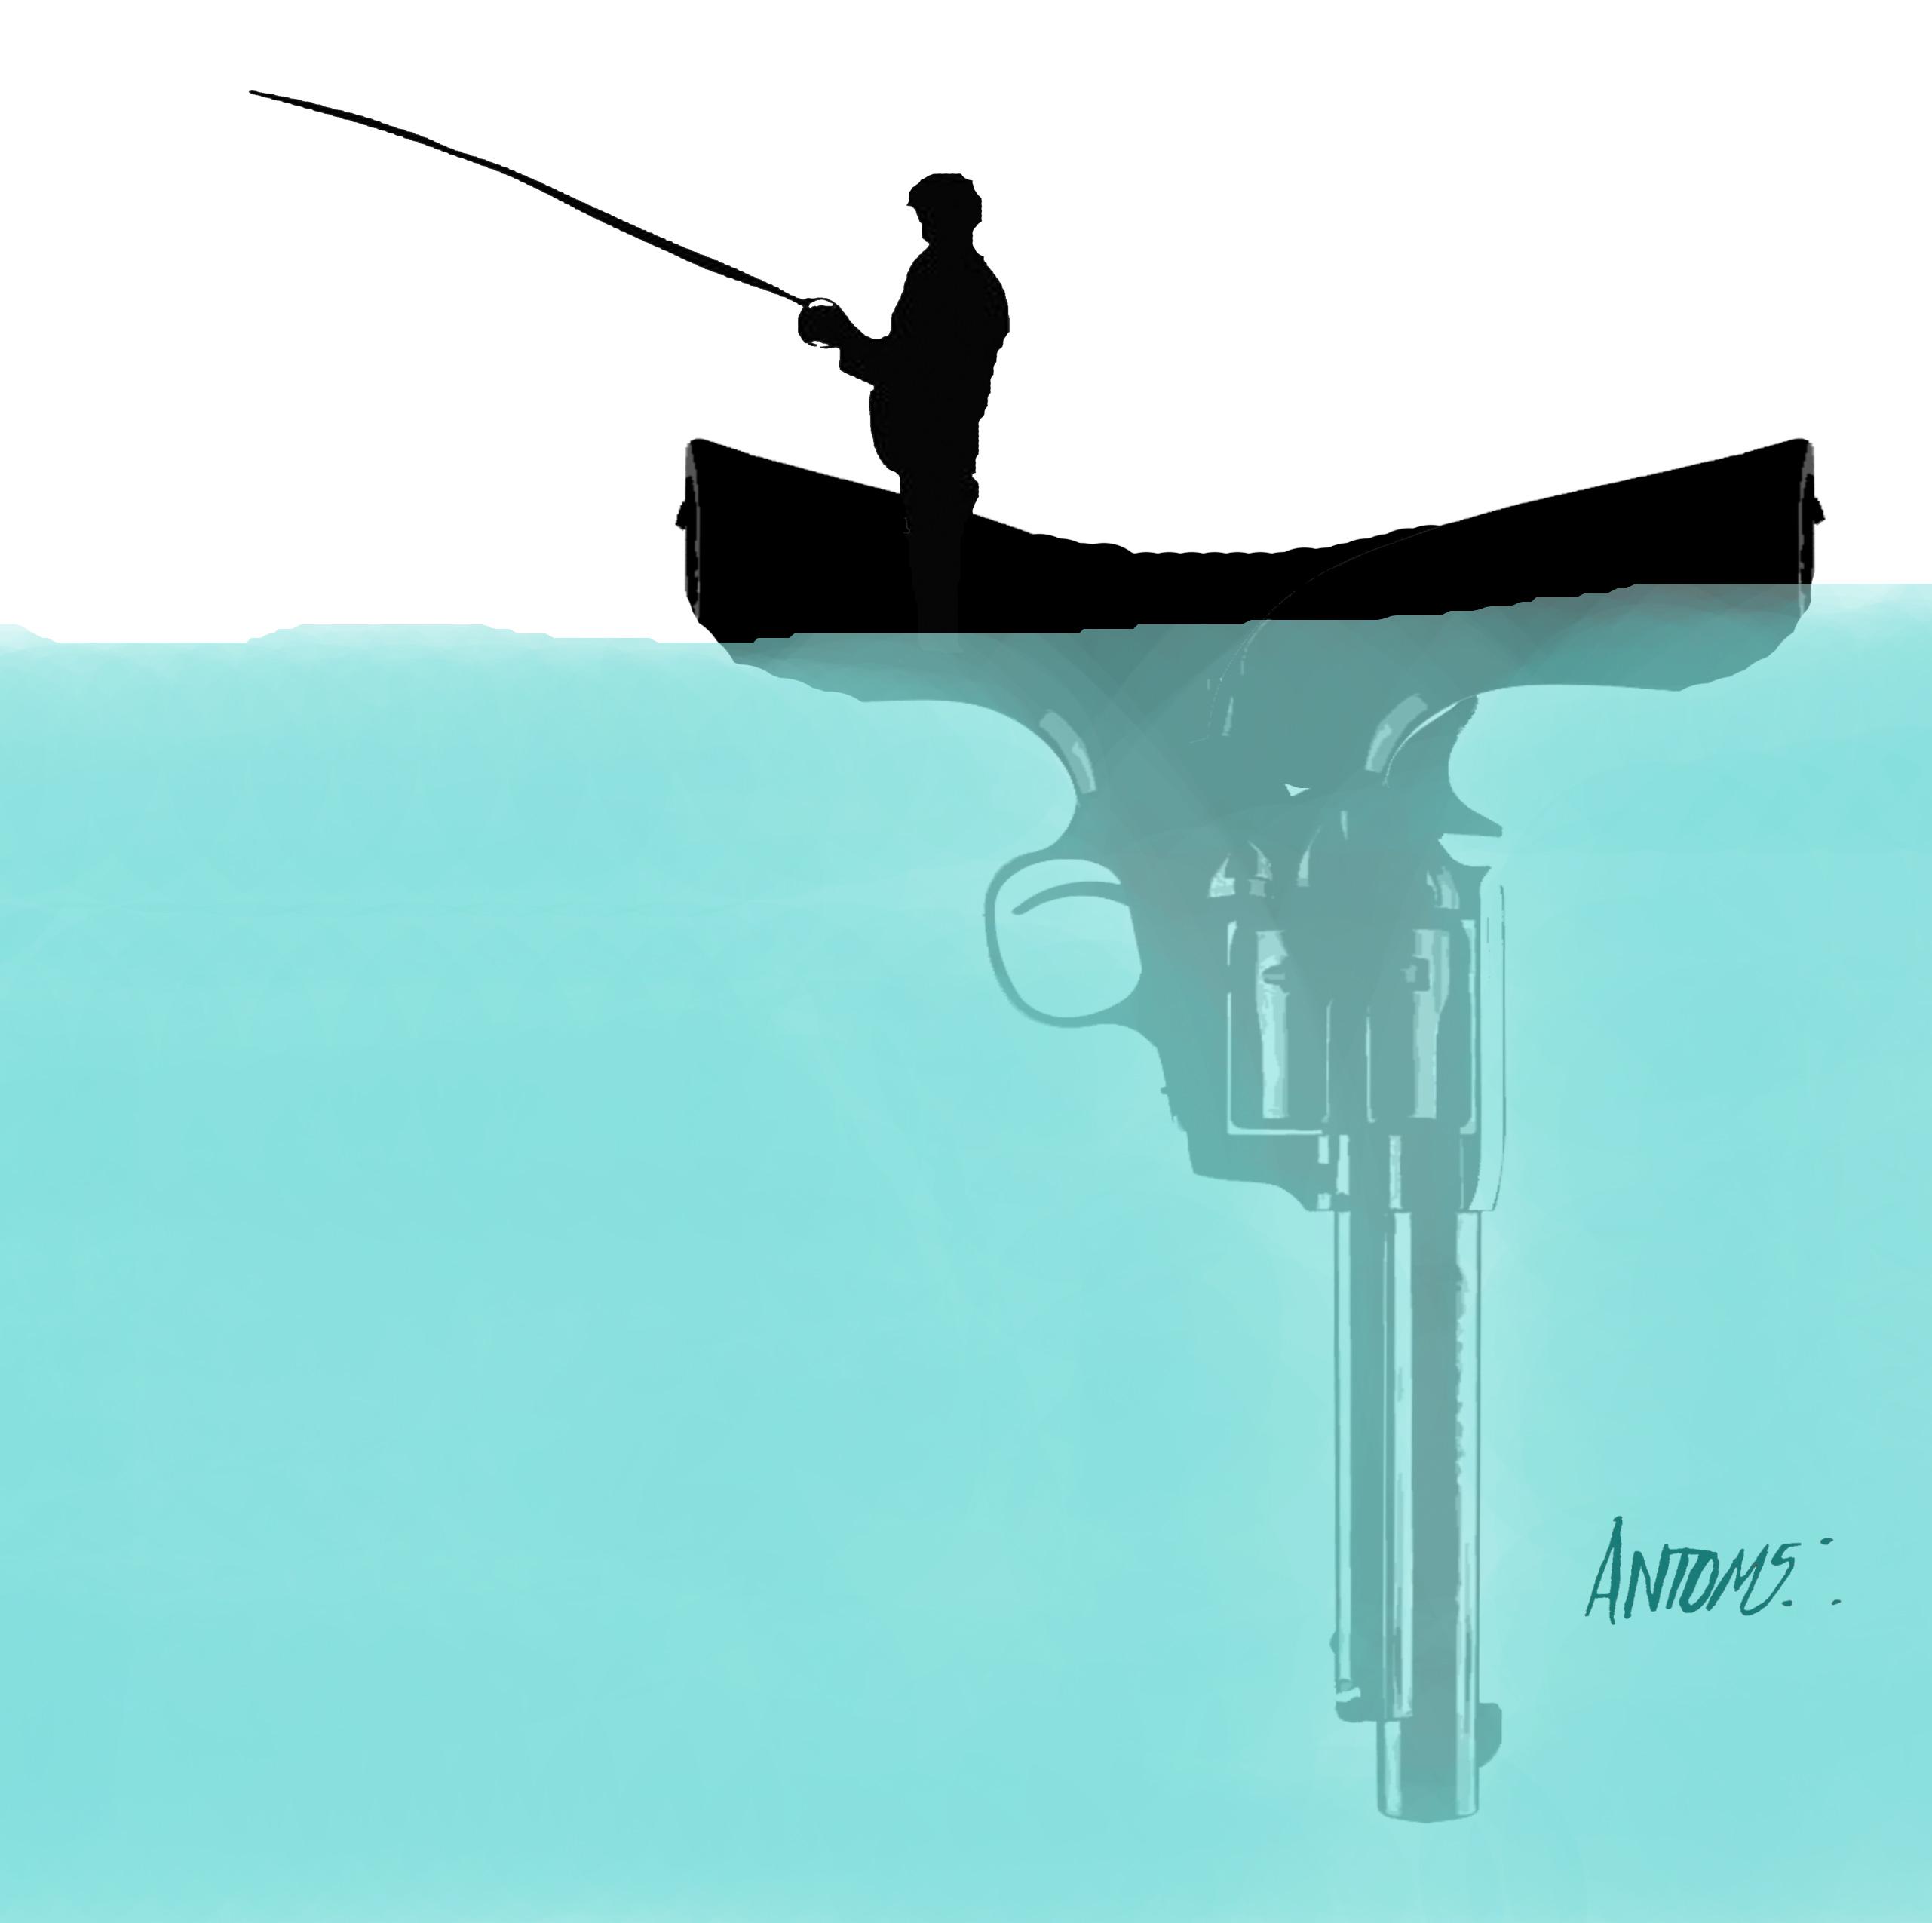 Caronte el pescador (2020) - Antonio Medina Segura - ANTOMS